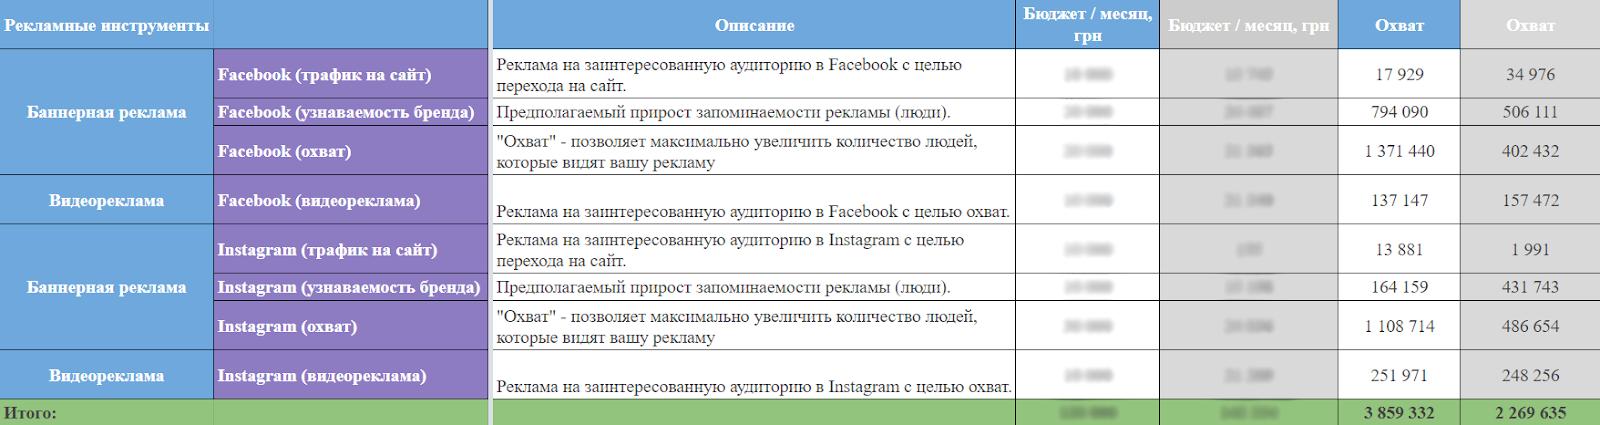 Рекламные бюджеты и охваты в Facebook/Instagram